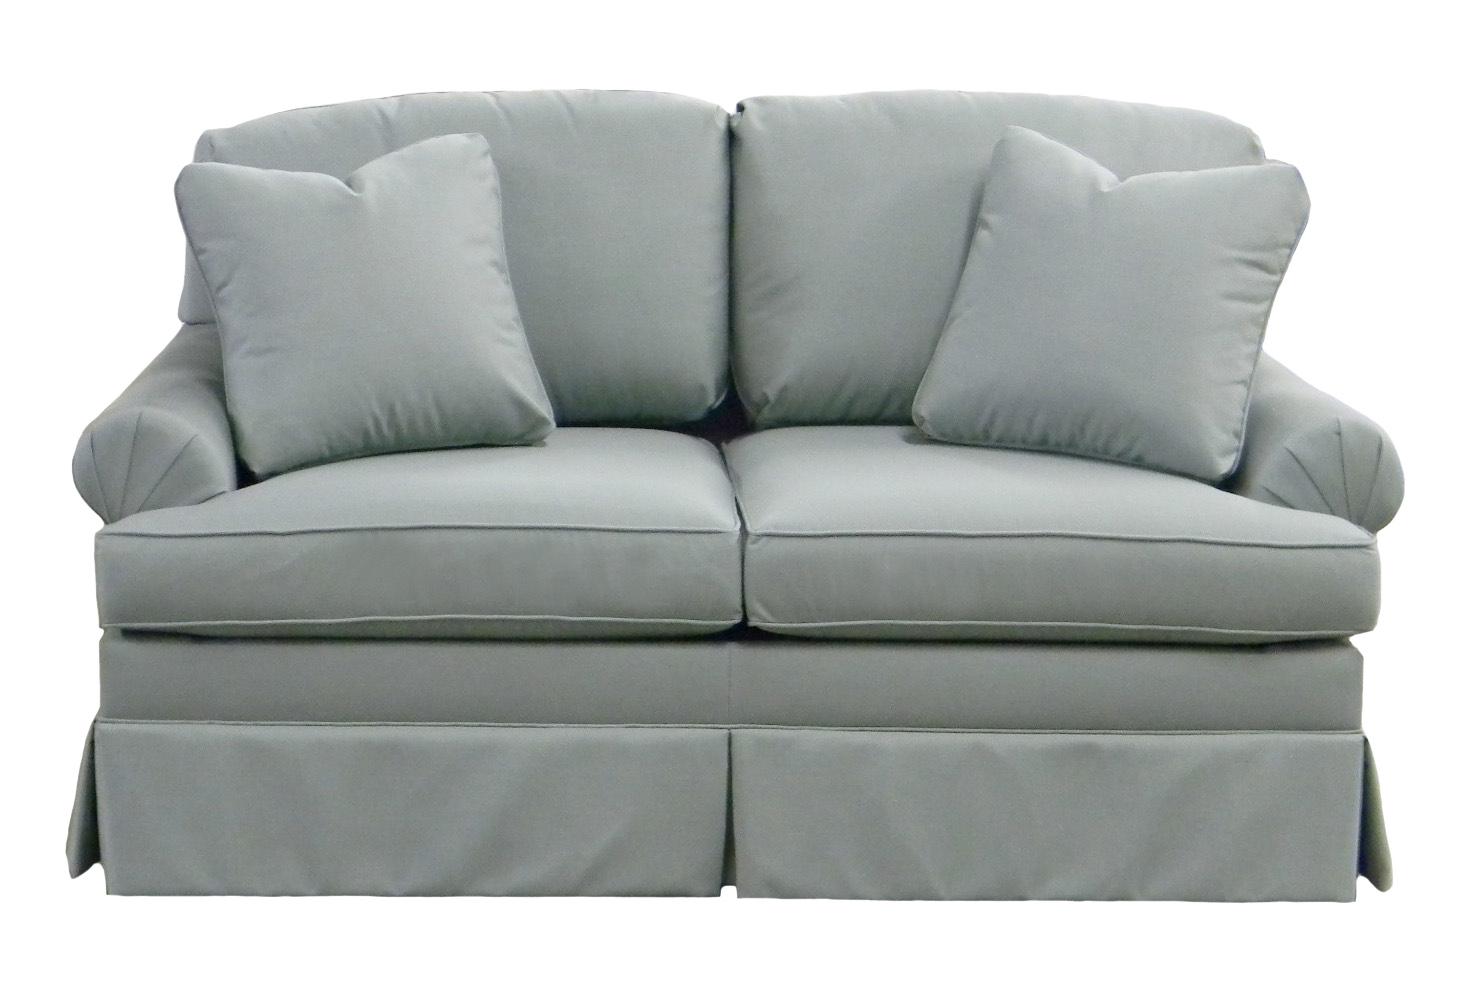 Lewis Twin Sleeper Sofa Carolina Chair American Made Usa Nc Furniture Free Shipping